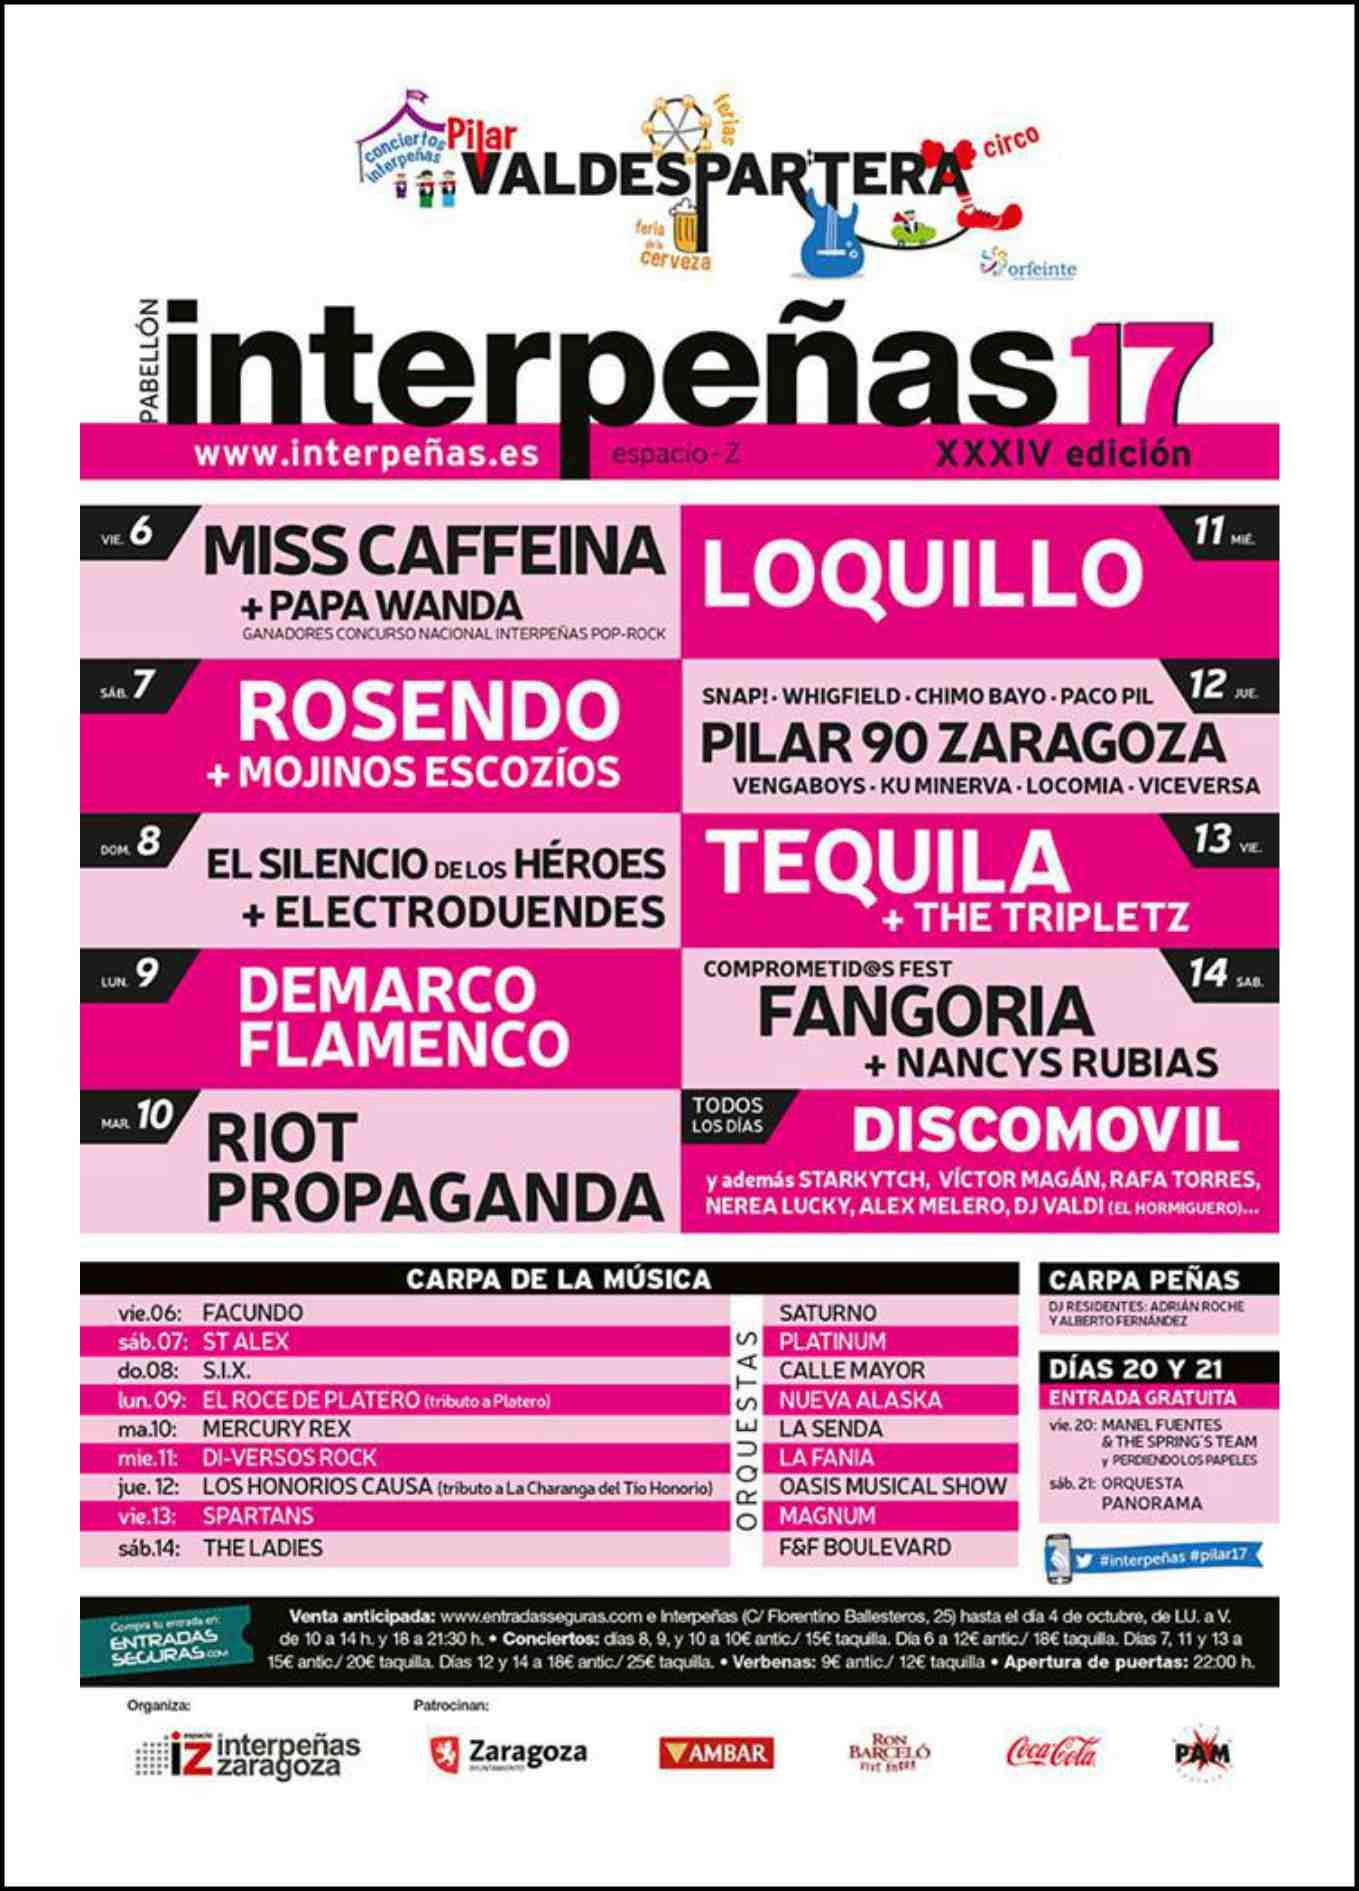 Conciertos de interpe as fiestas del pilar 2017 del 6 al for Apertura piscinas zaragoza 2017